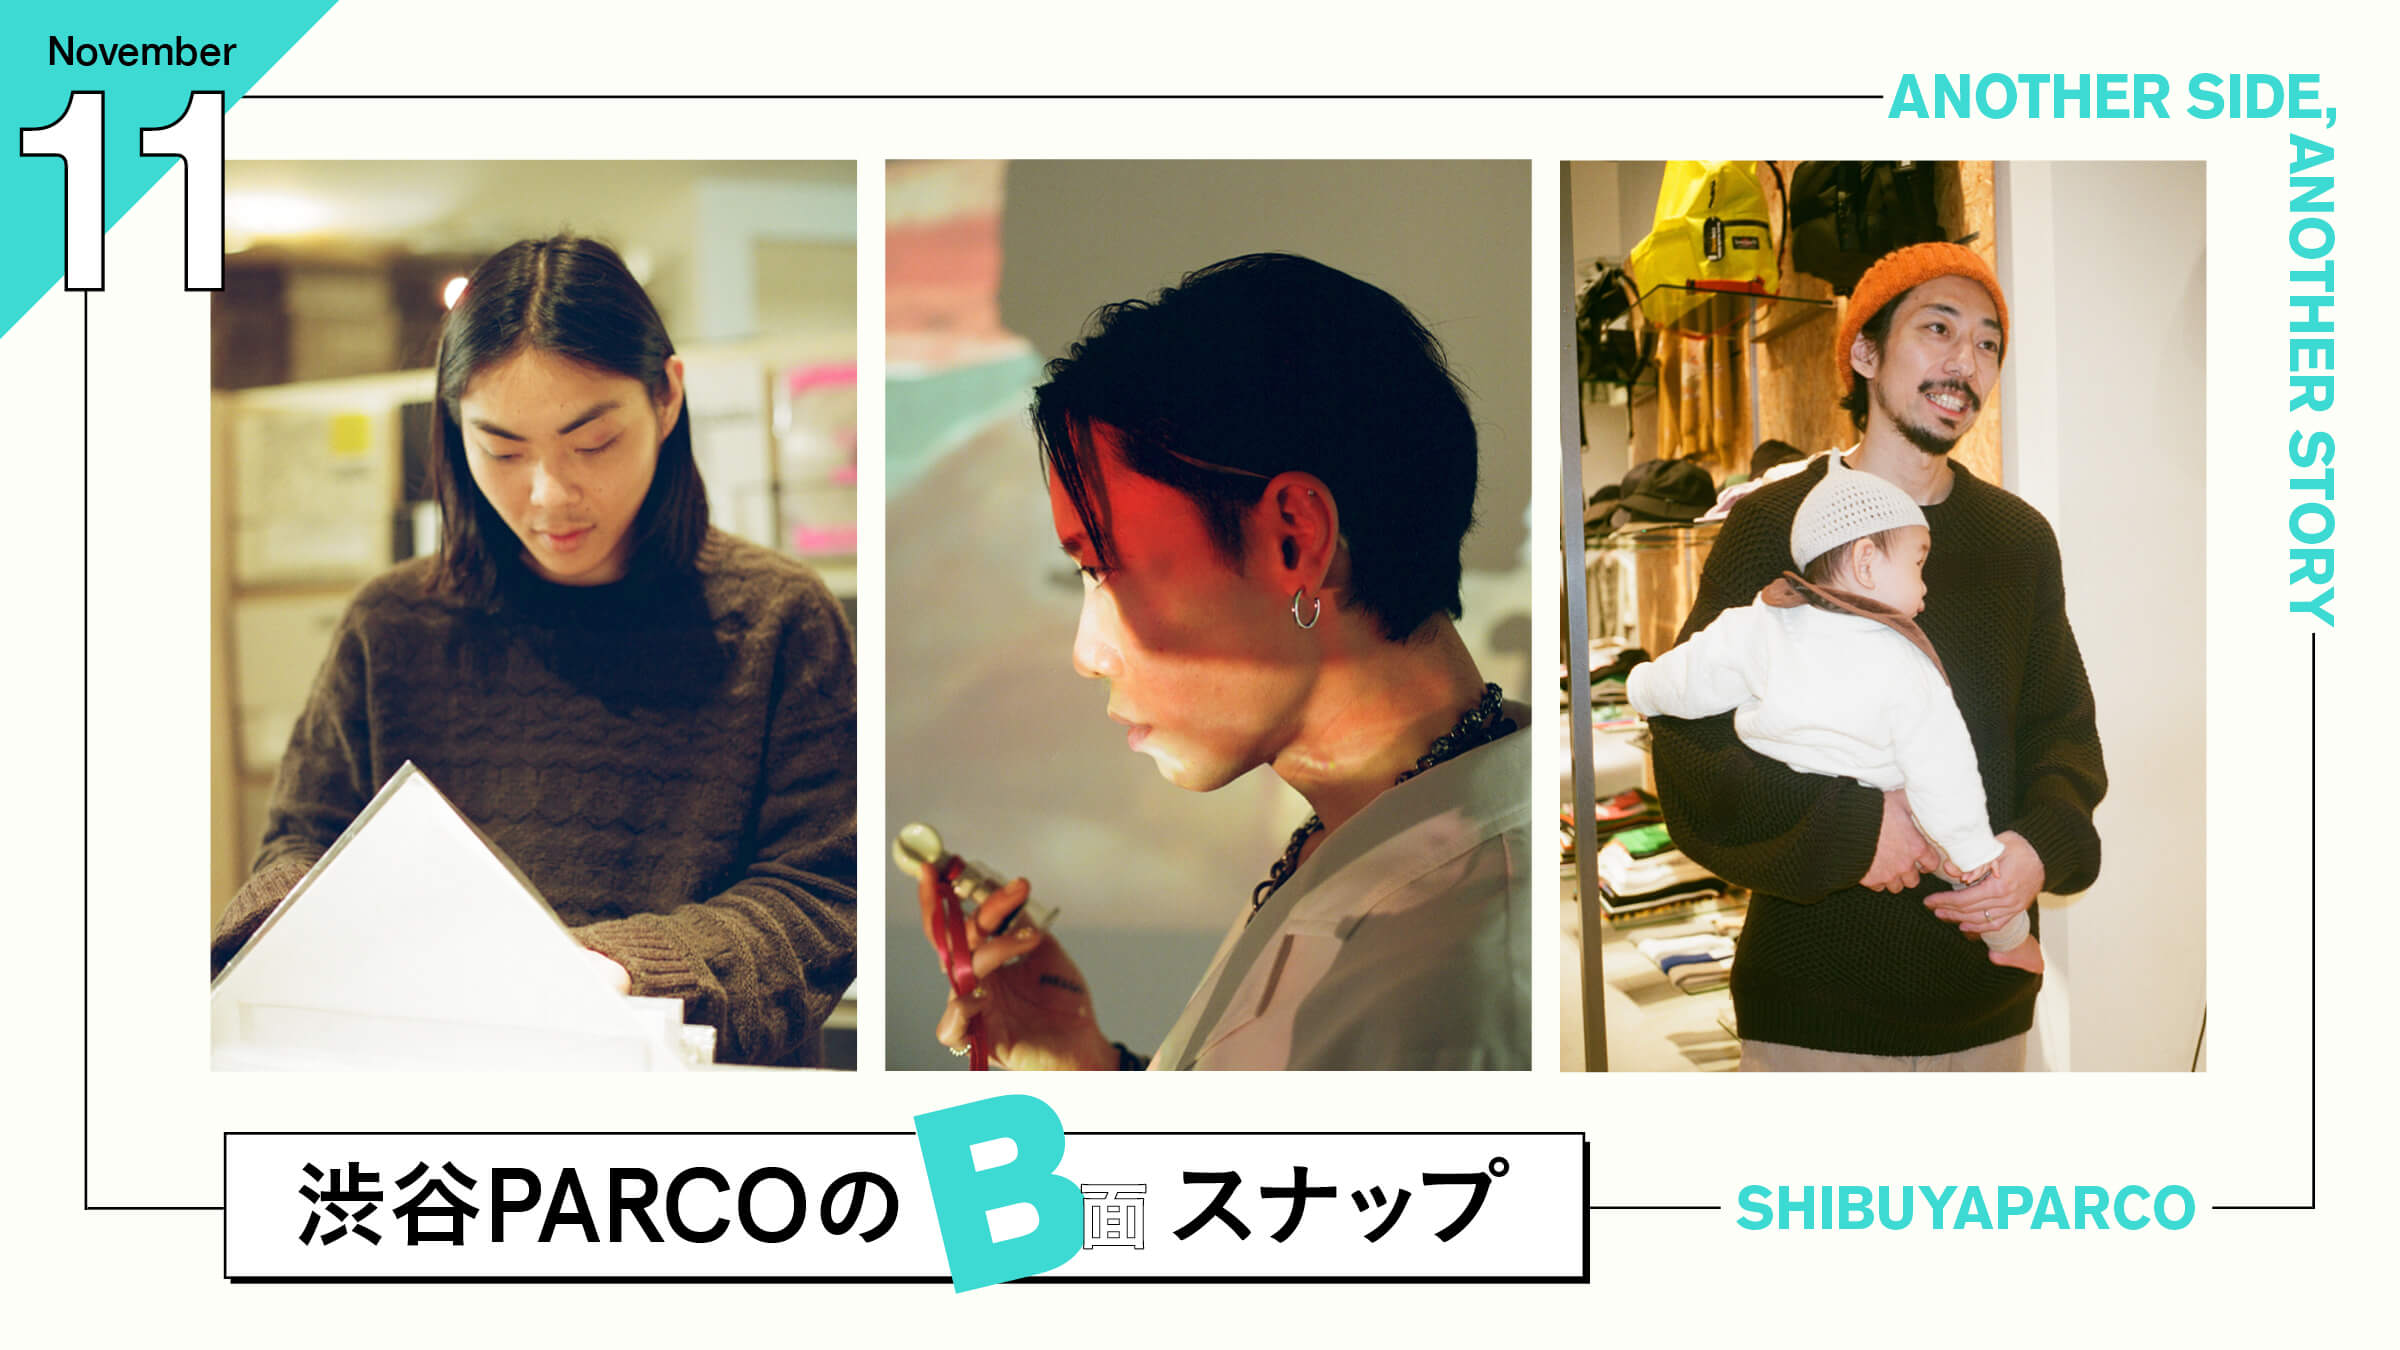 働く人ならどう遊ぶ? 渋谷PARCOのB面スナップ。〜11月編〜